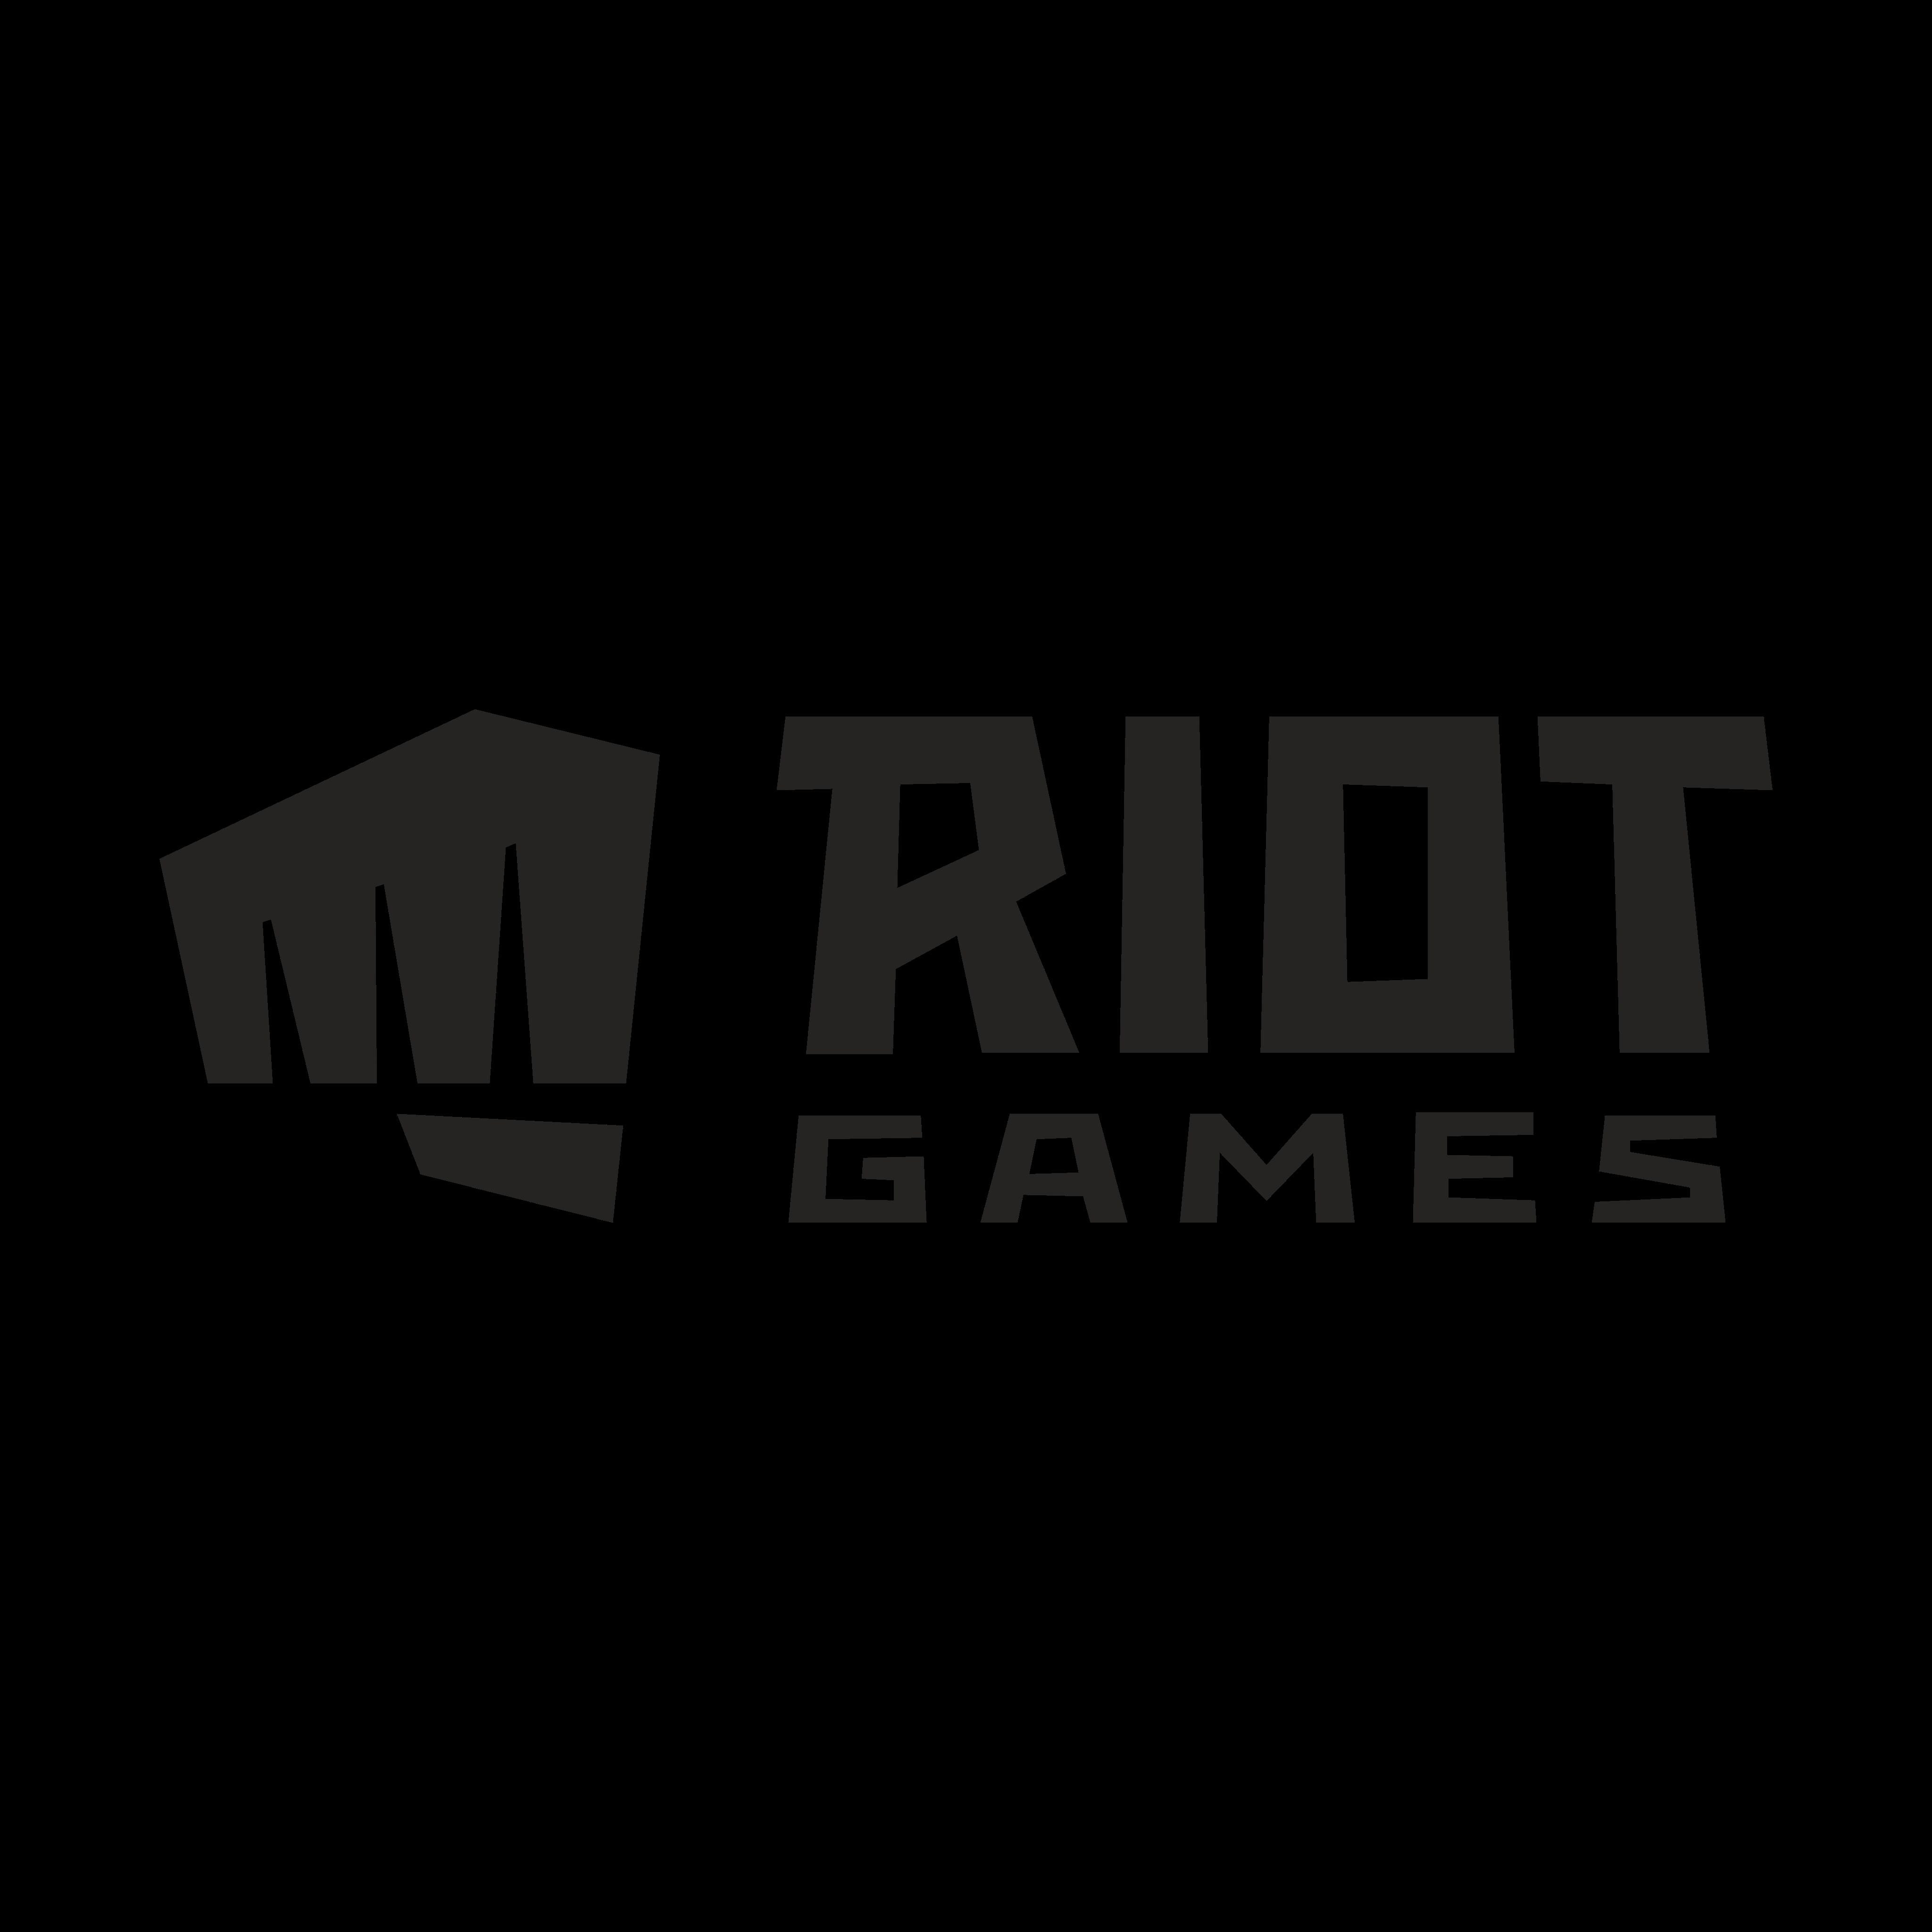 Games Logo Png